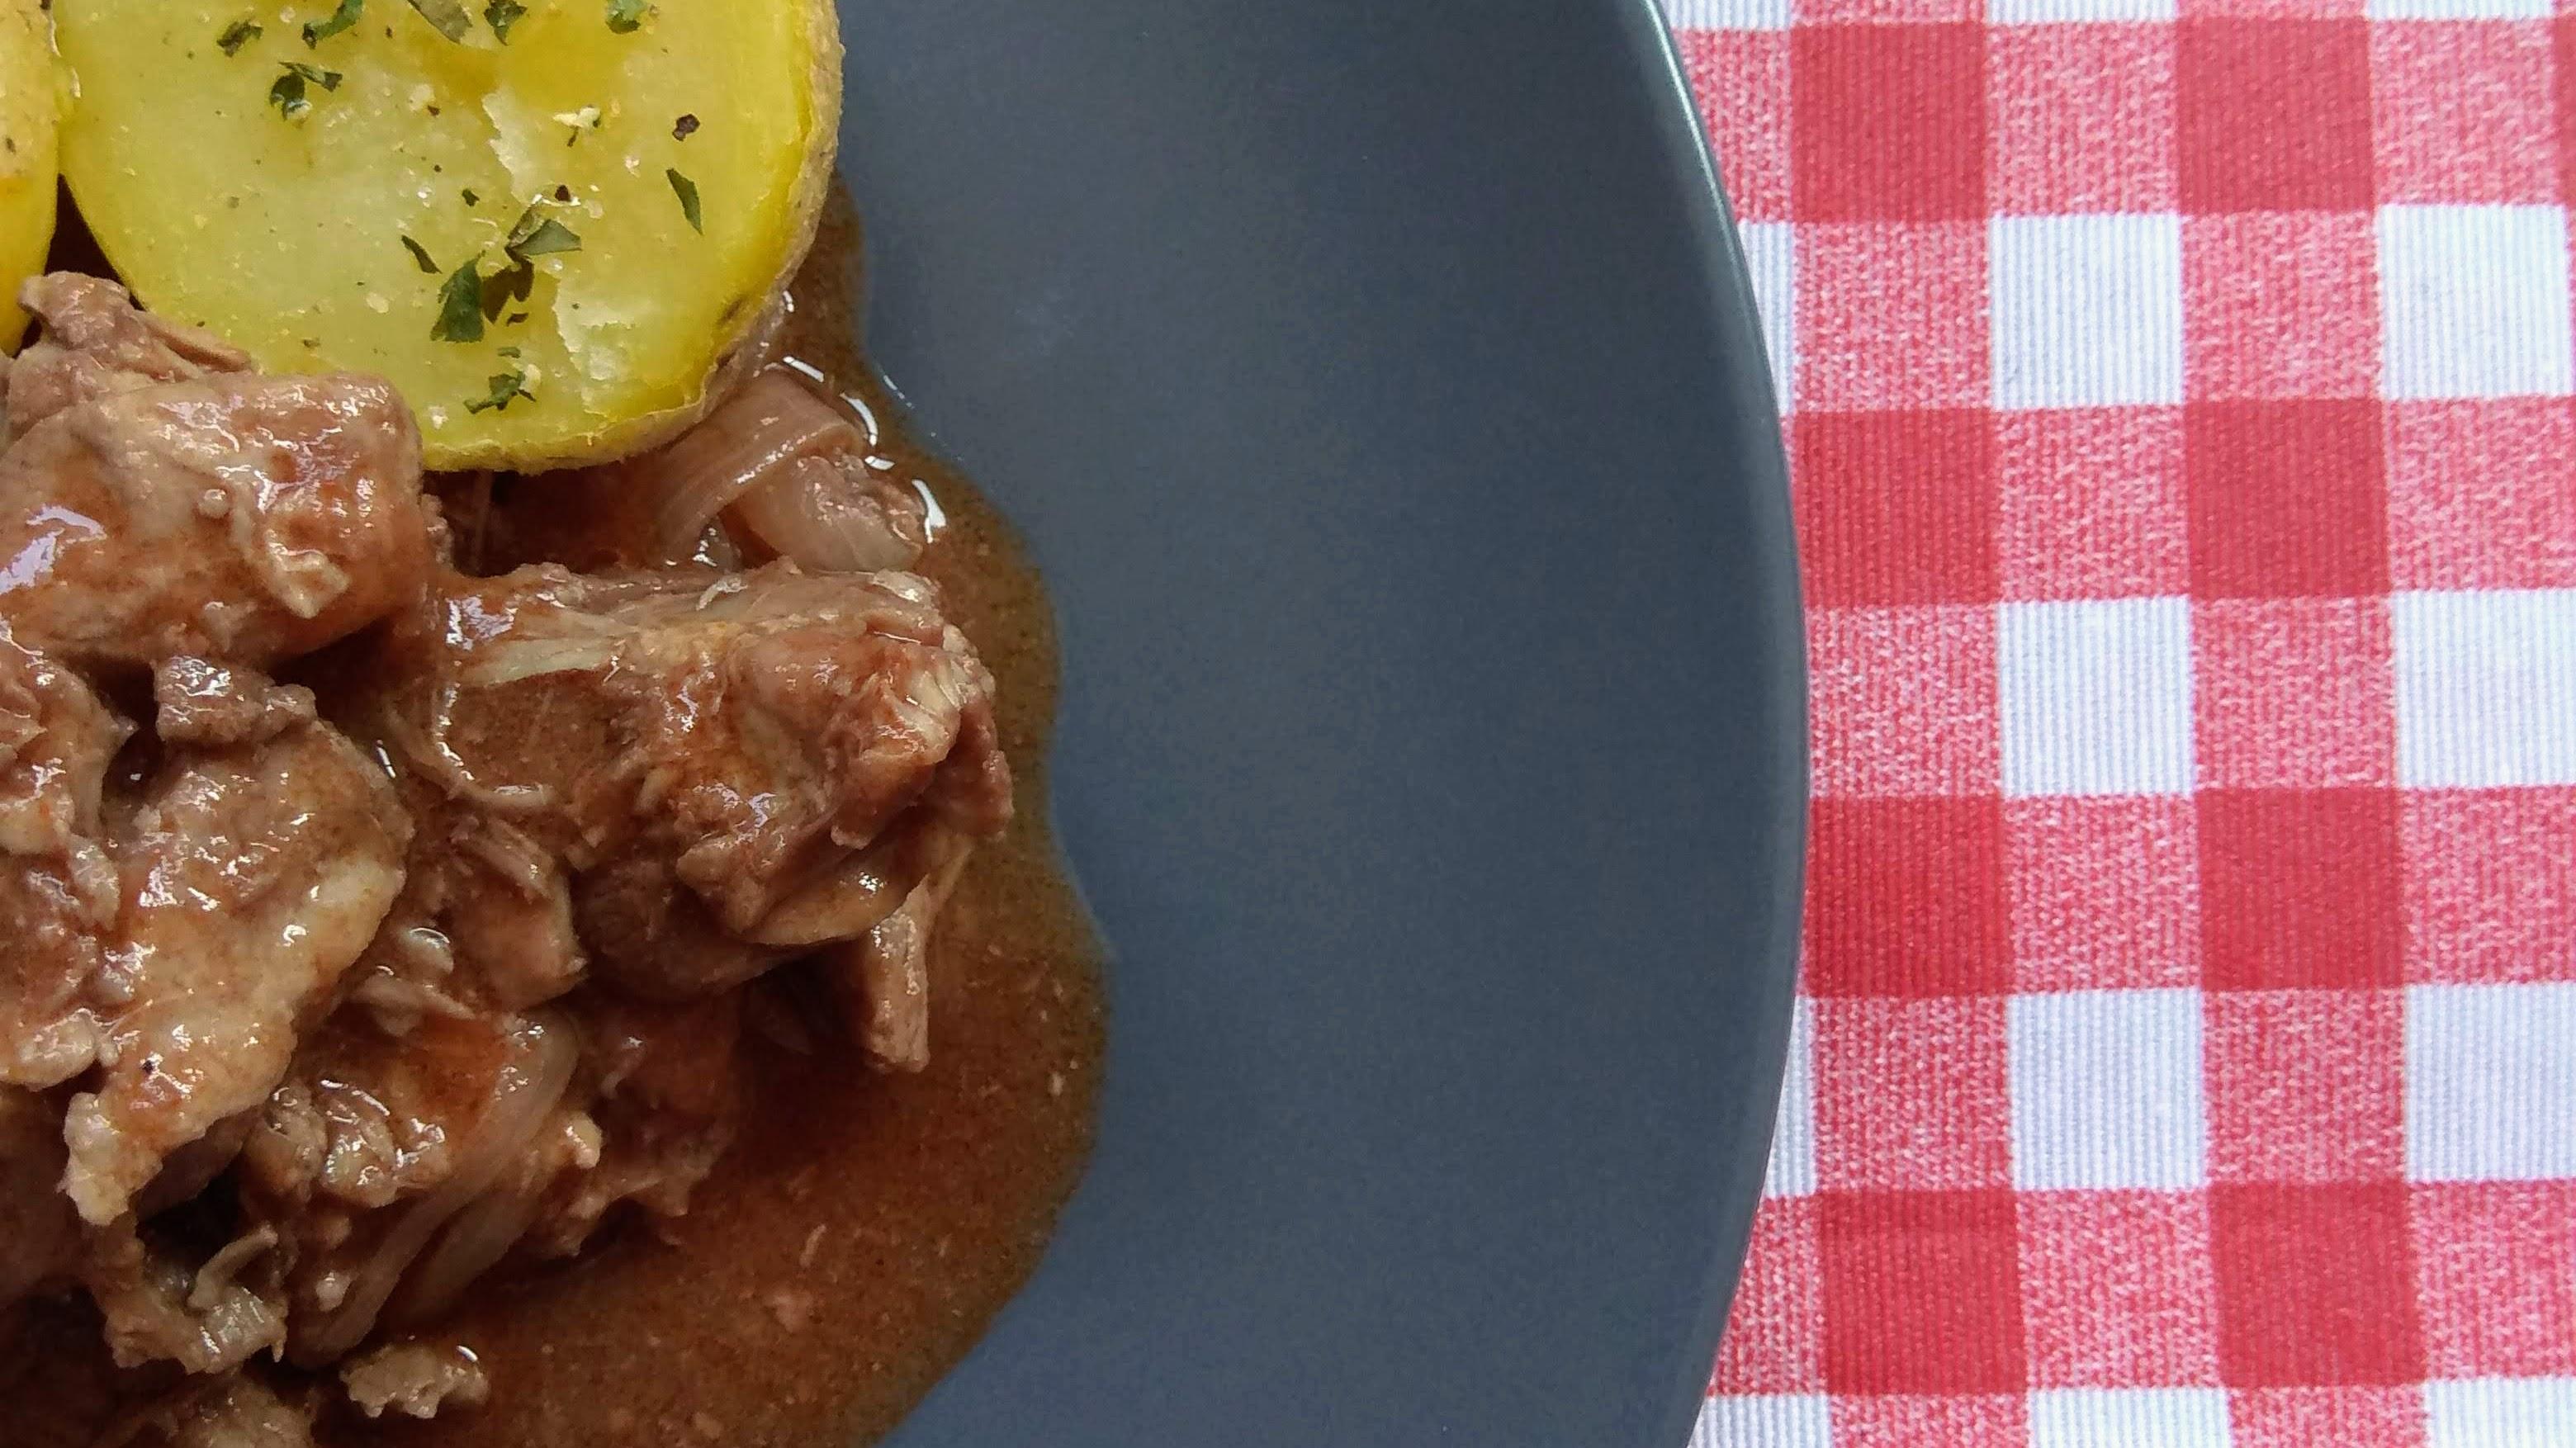 Receta de carne en salsa con patatas asadas. Descúbrela en: www.cocinandoconlola.com